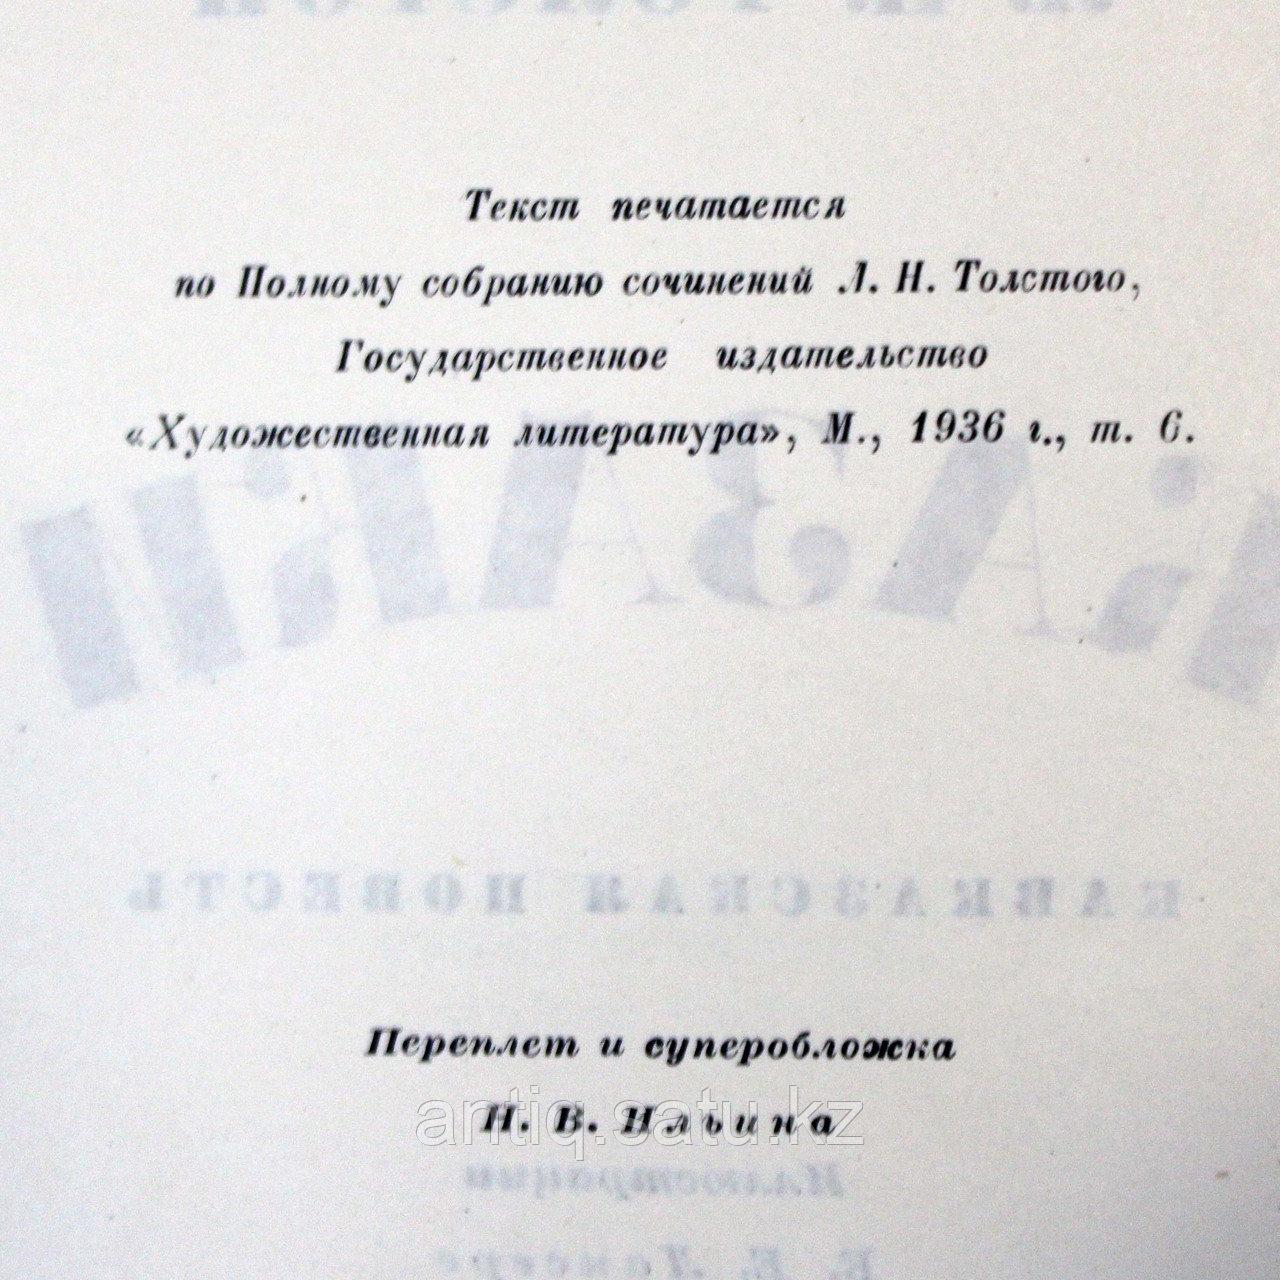 Л. Н. ТОЛСТОЙ. ПОВЕСТЬ «КАЗАКИ» Лев Николаевич Толстой (1828-1910). - фото 3